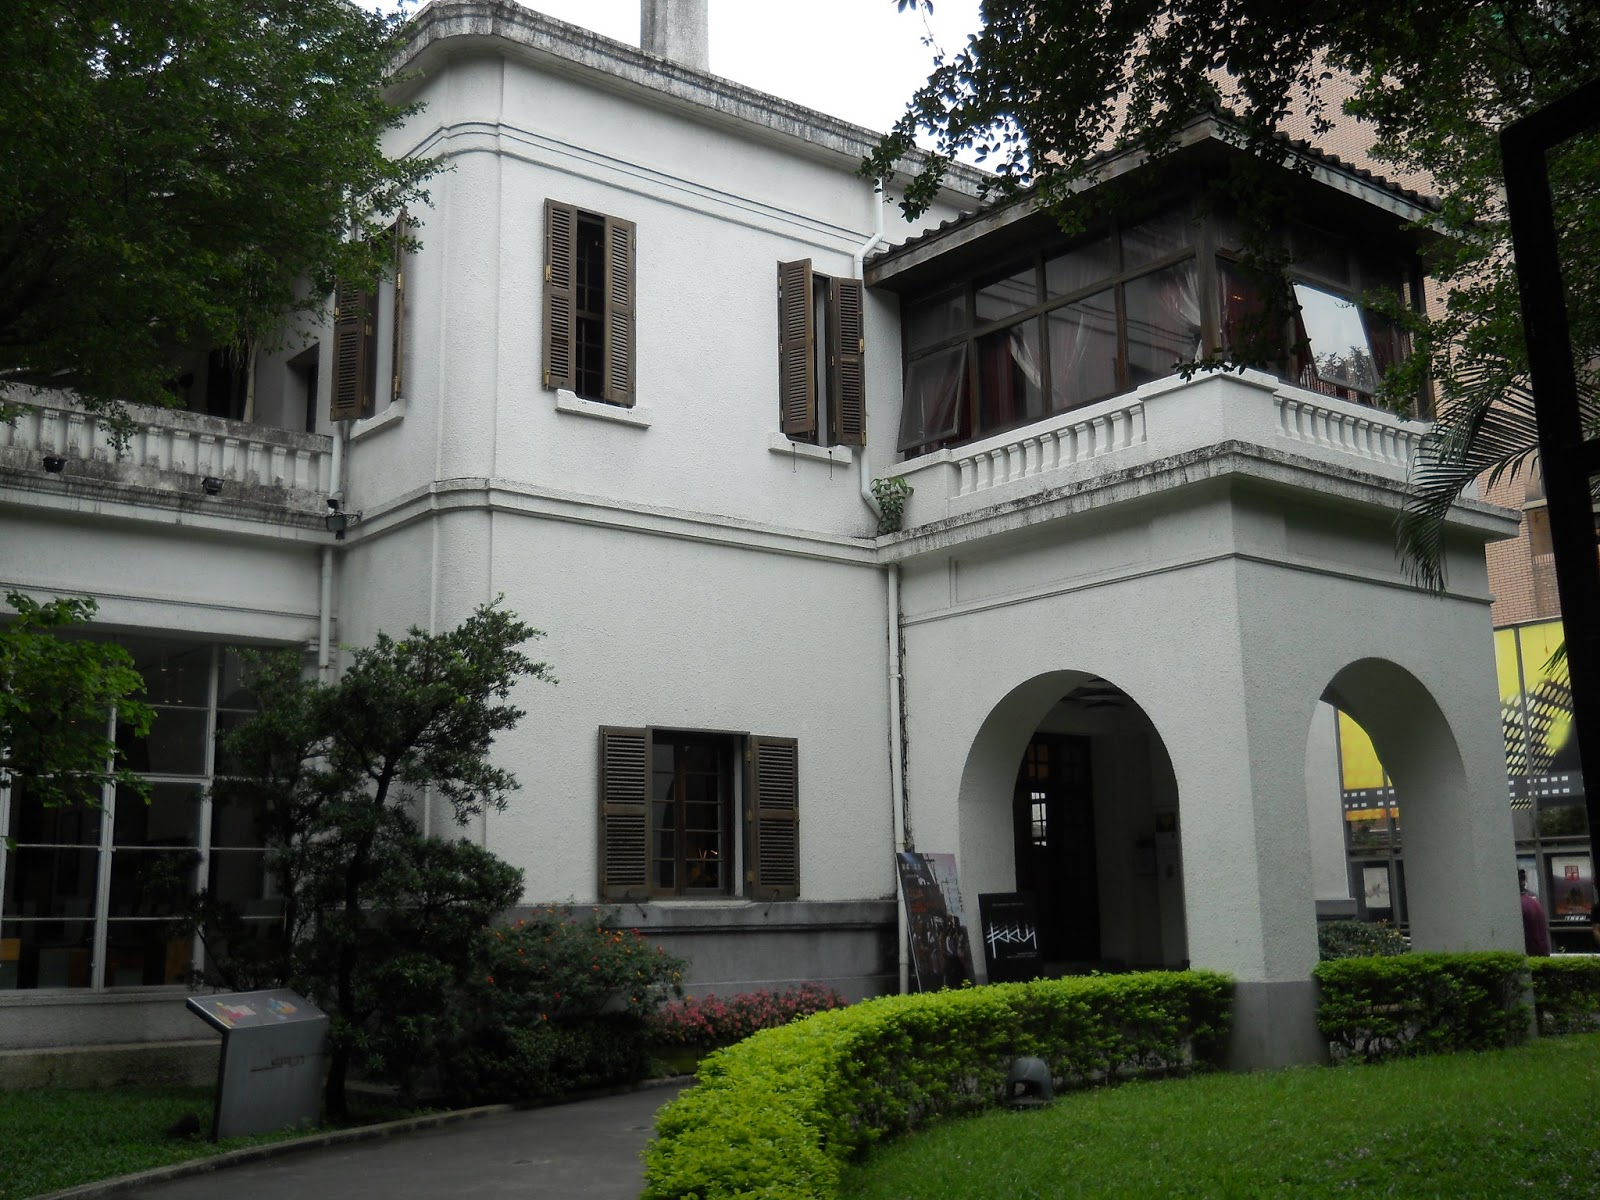 光點臺北之家:藝術電影主題館 | 中和公民新聞社